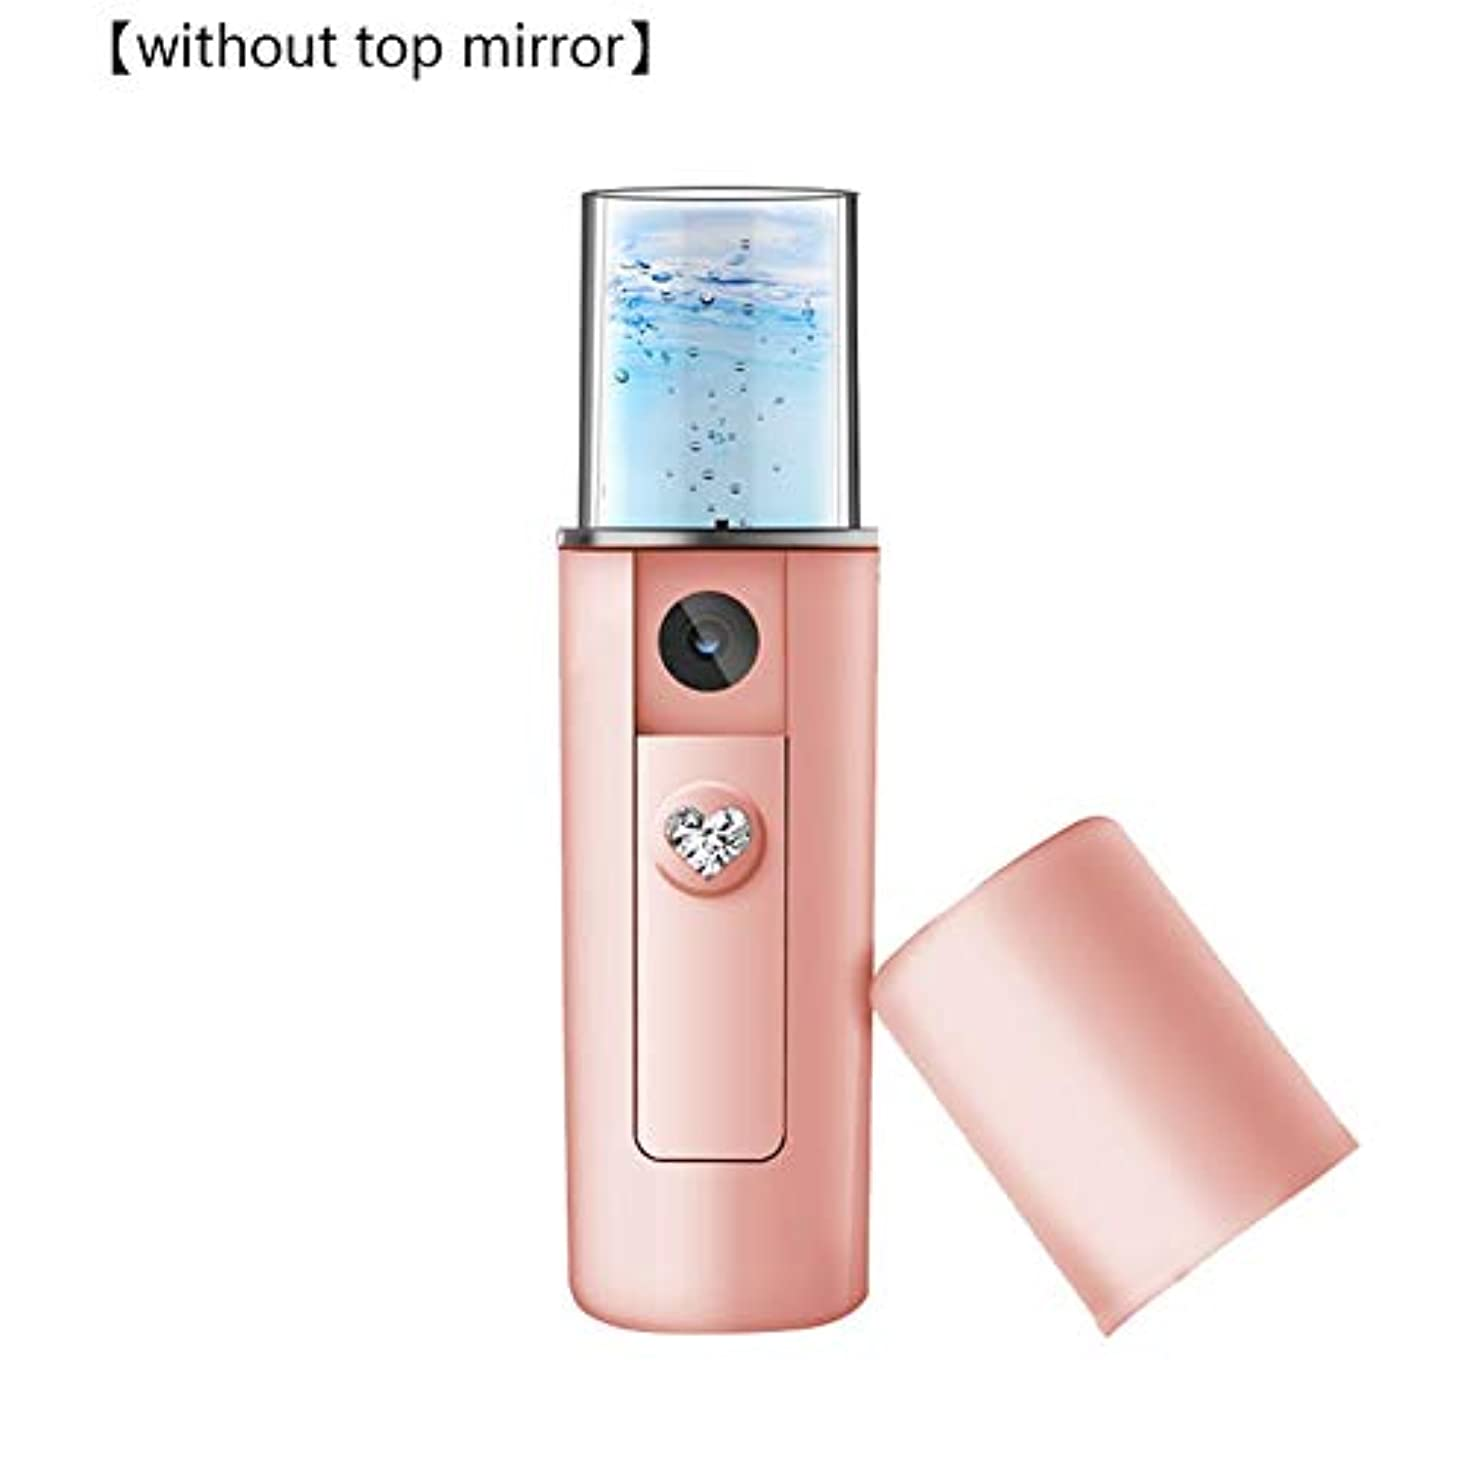 溶ける受け継ぐホバート冷たい保湿スプレー、美しいフェイシャルスプレーメイクアップミラー。 USB充電インターフェイスは、まつげエクステンション用の高度な保湿フェイシャルスチームです (Color : Pink-A)